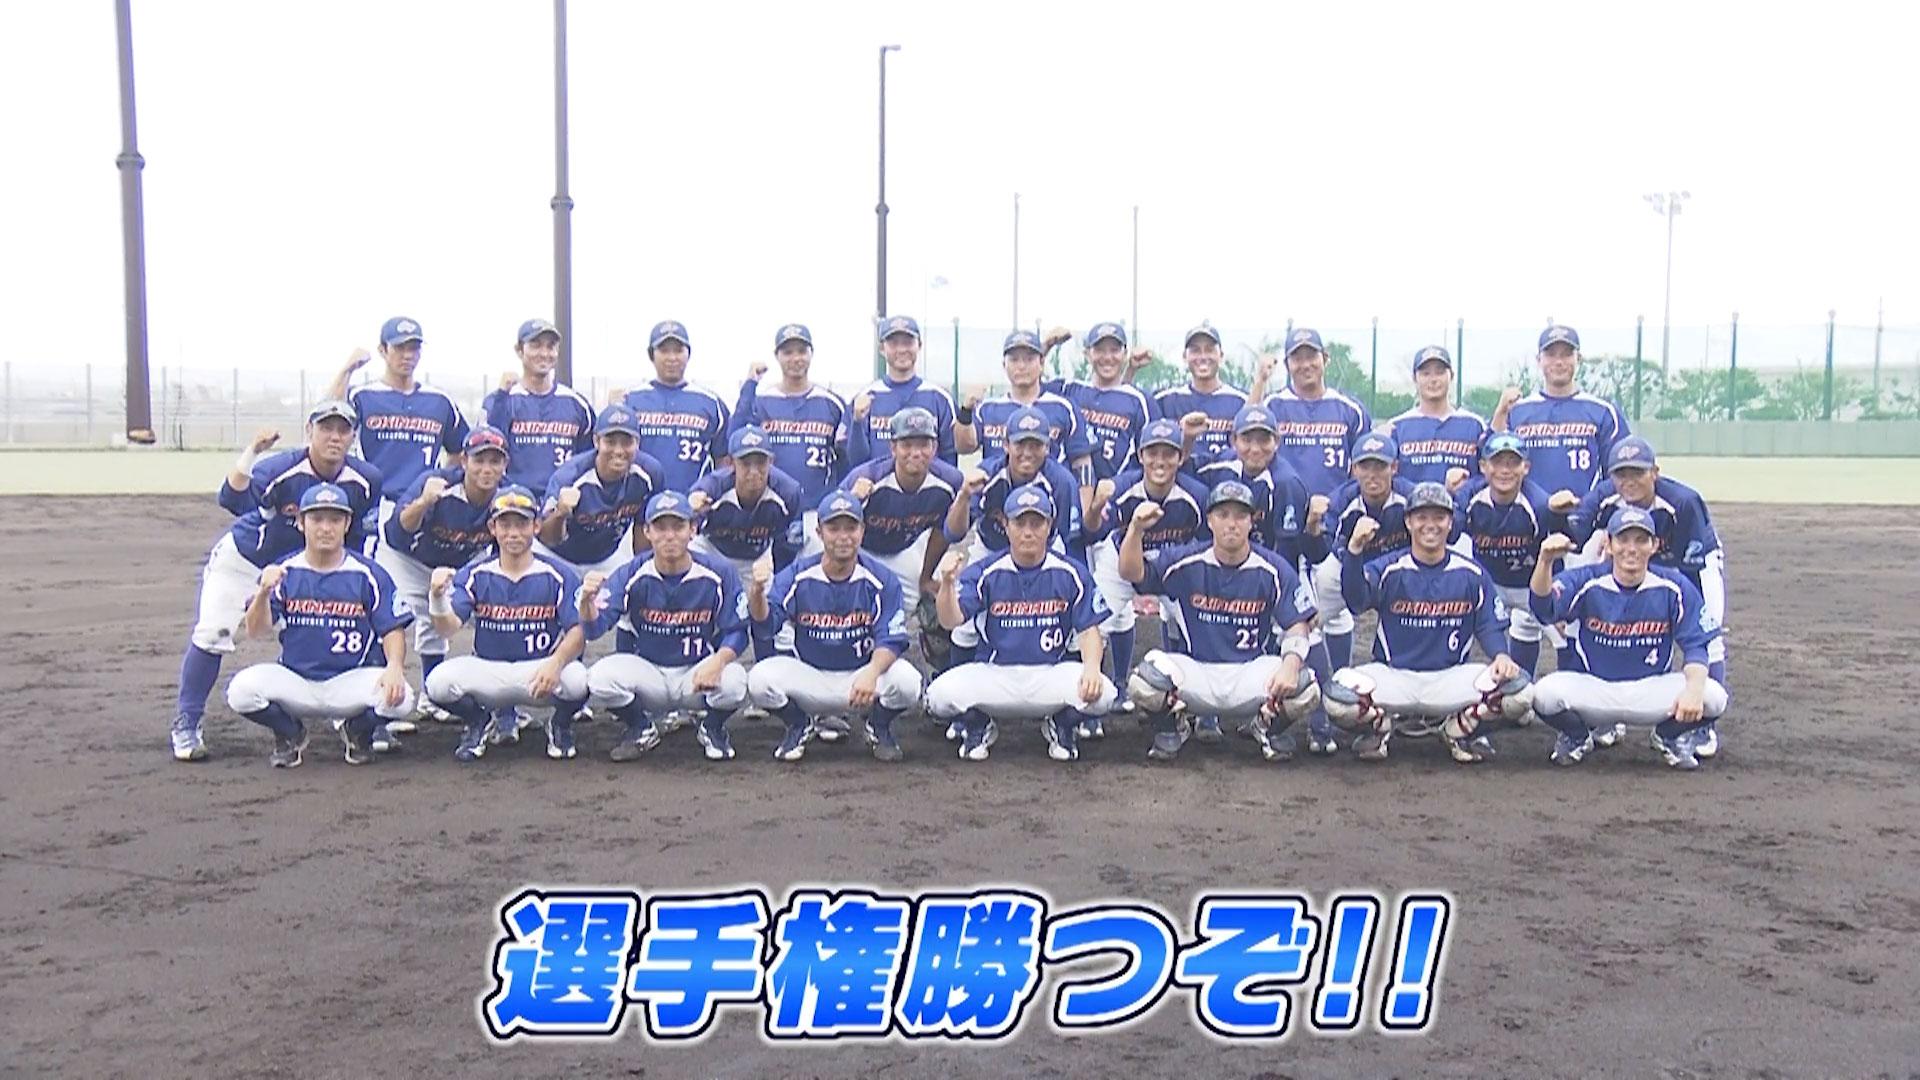 日本選手権へ!沖縄電力硬式野球部